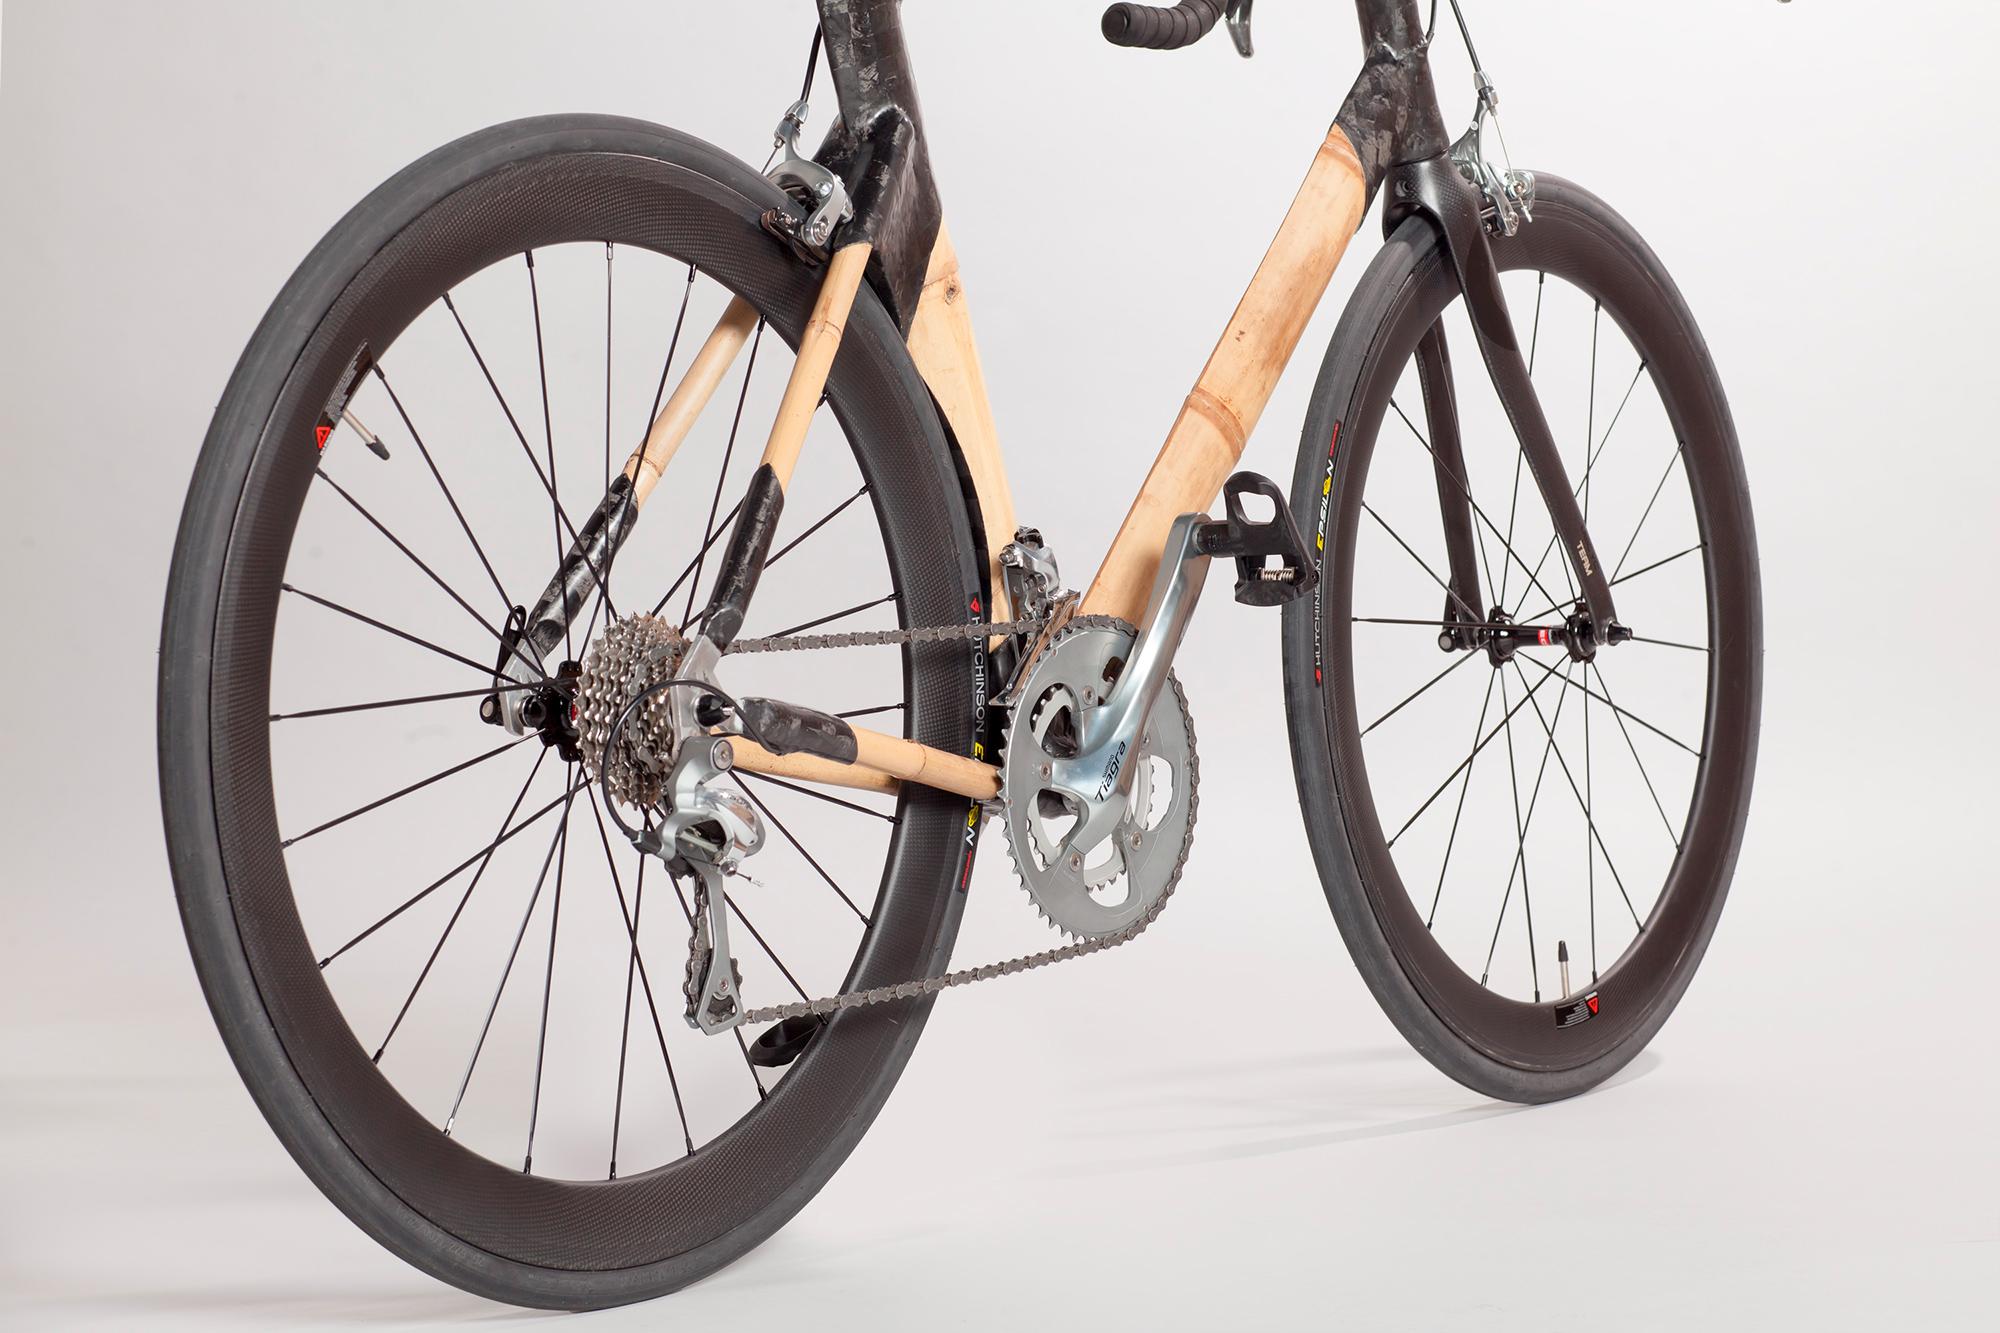 Bicicleta de bambú de BambooKoa